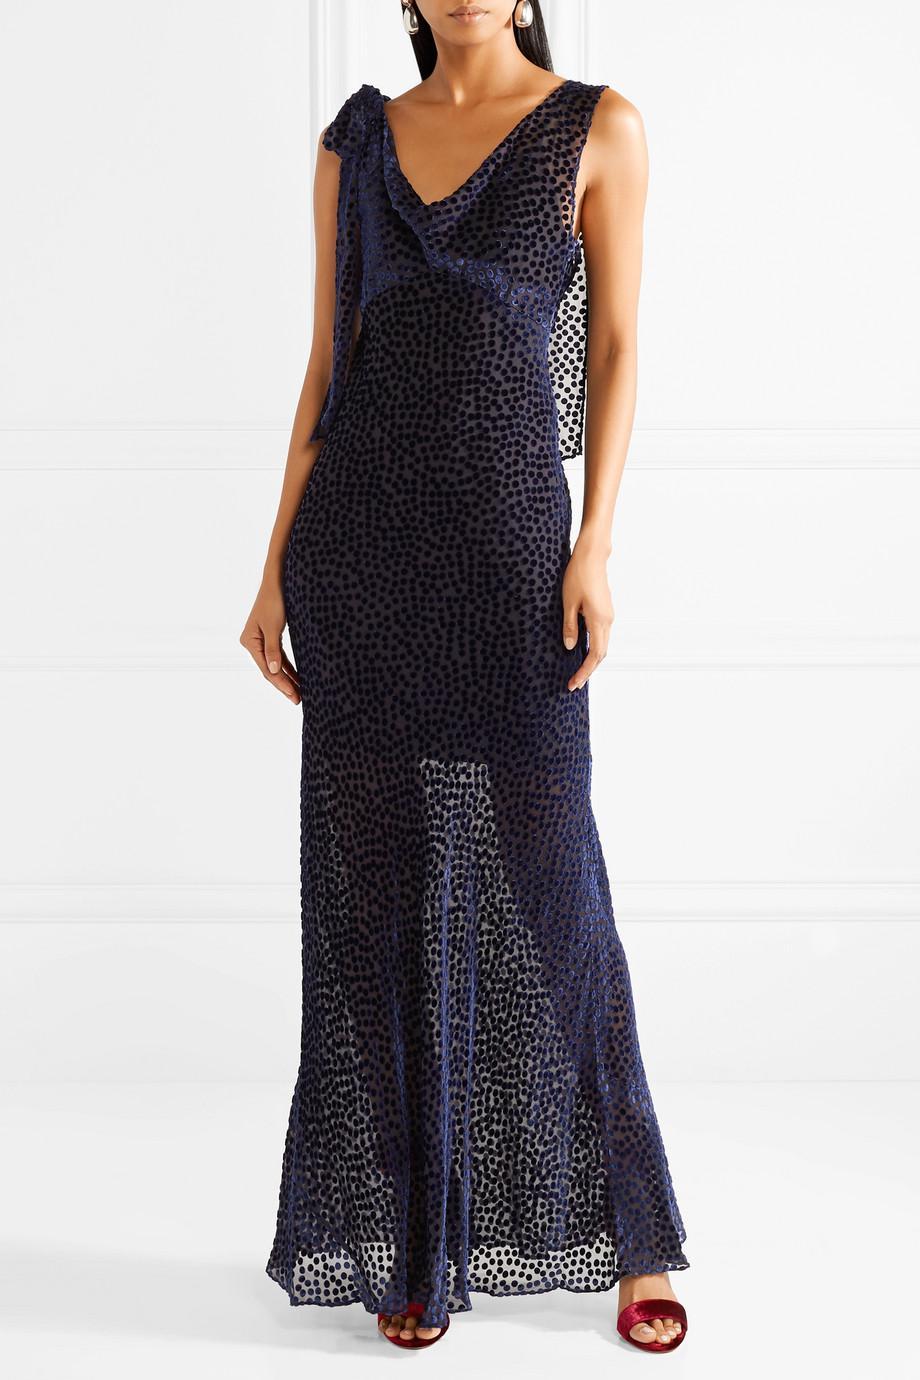 Devoré-chiffon Gown - Purple Diane Von Fürstenberg Browse Online Cheap Sale Shop For Free Shipping Cheap Online Sale Online Shopping nZQiYKiObk